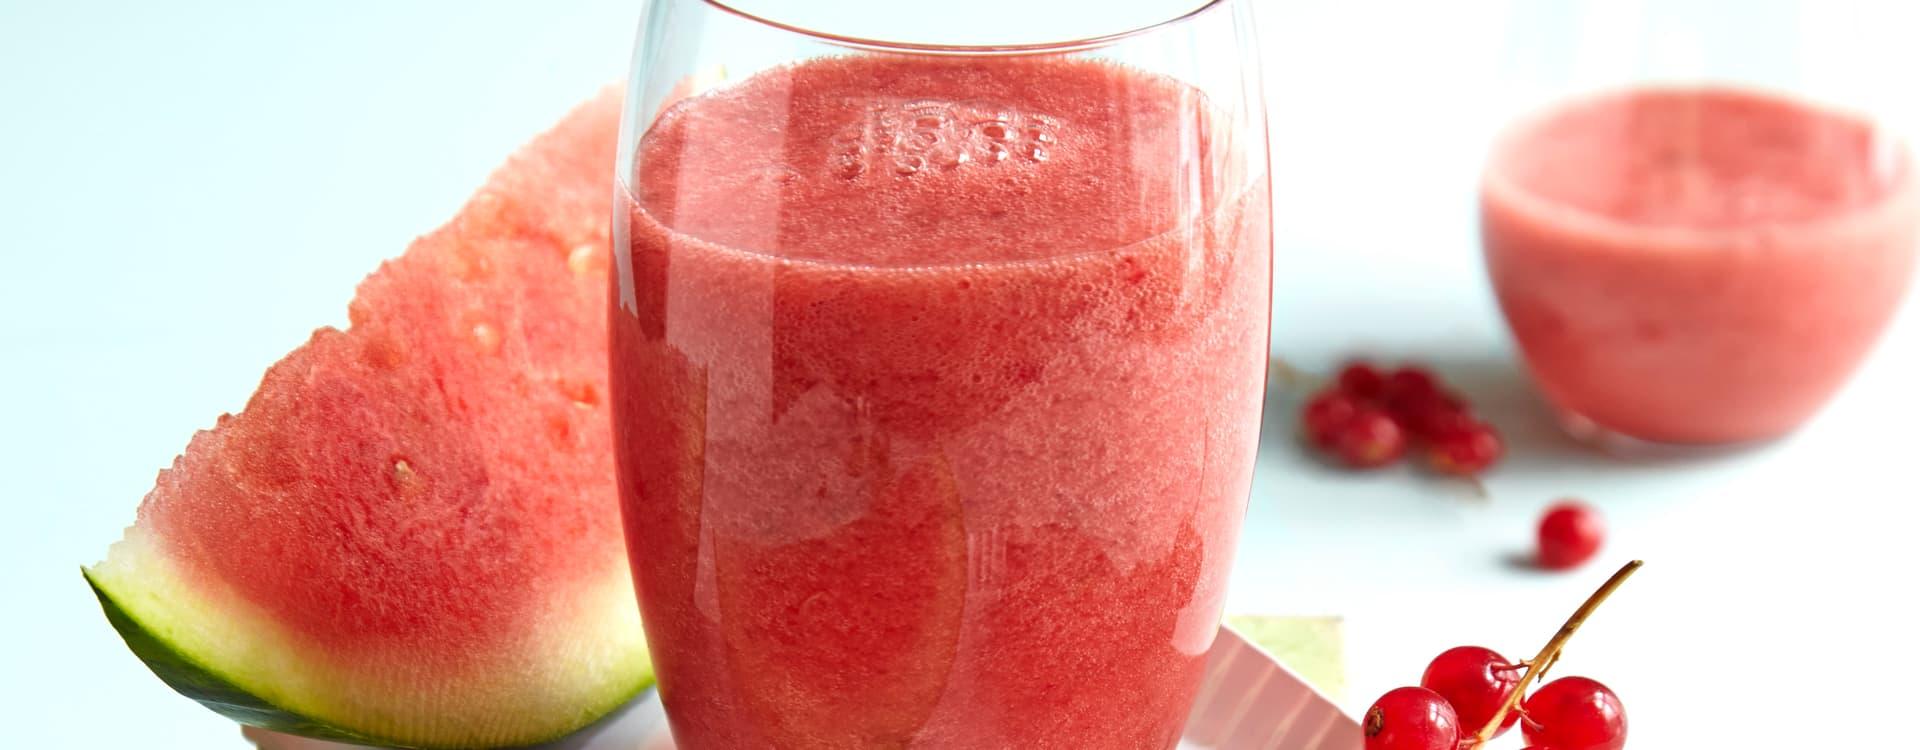 Vannmelon-shake med rips